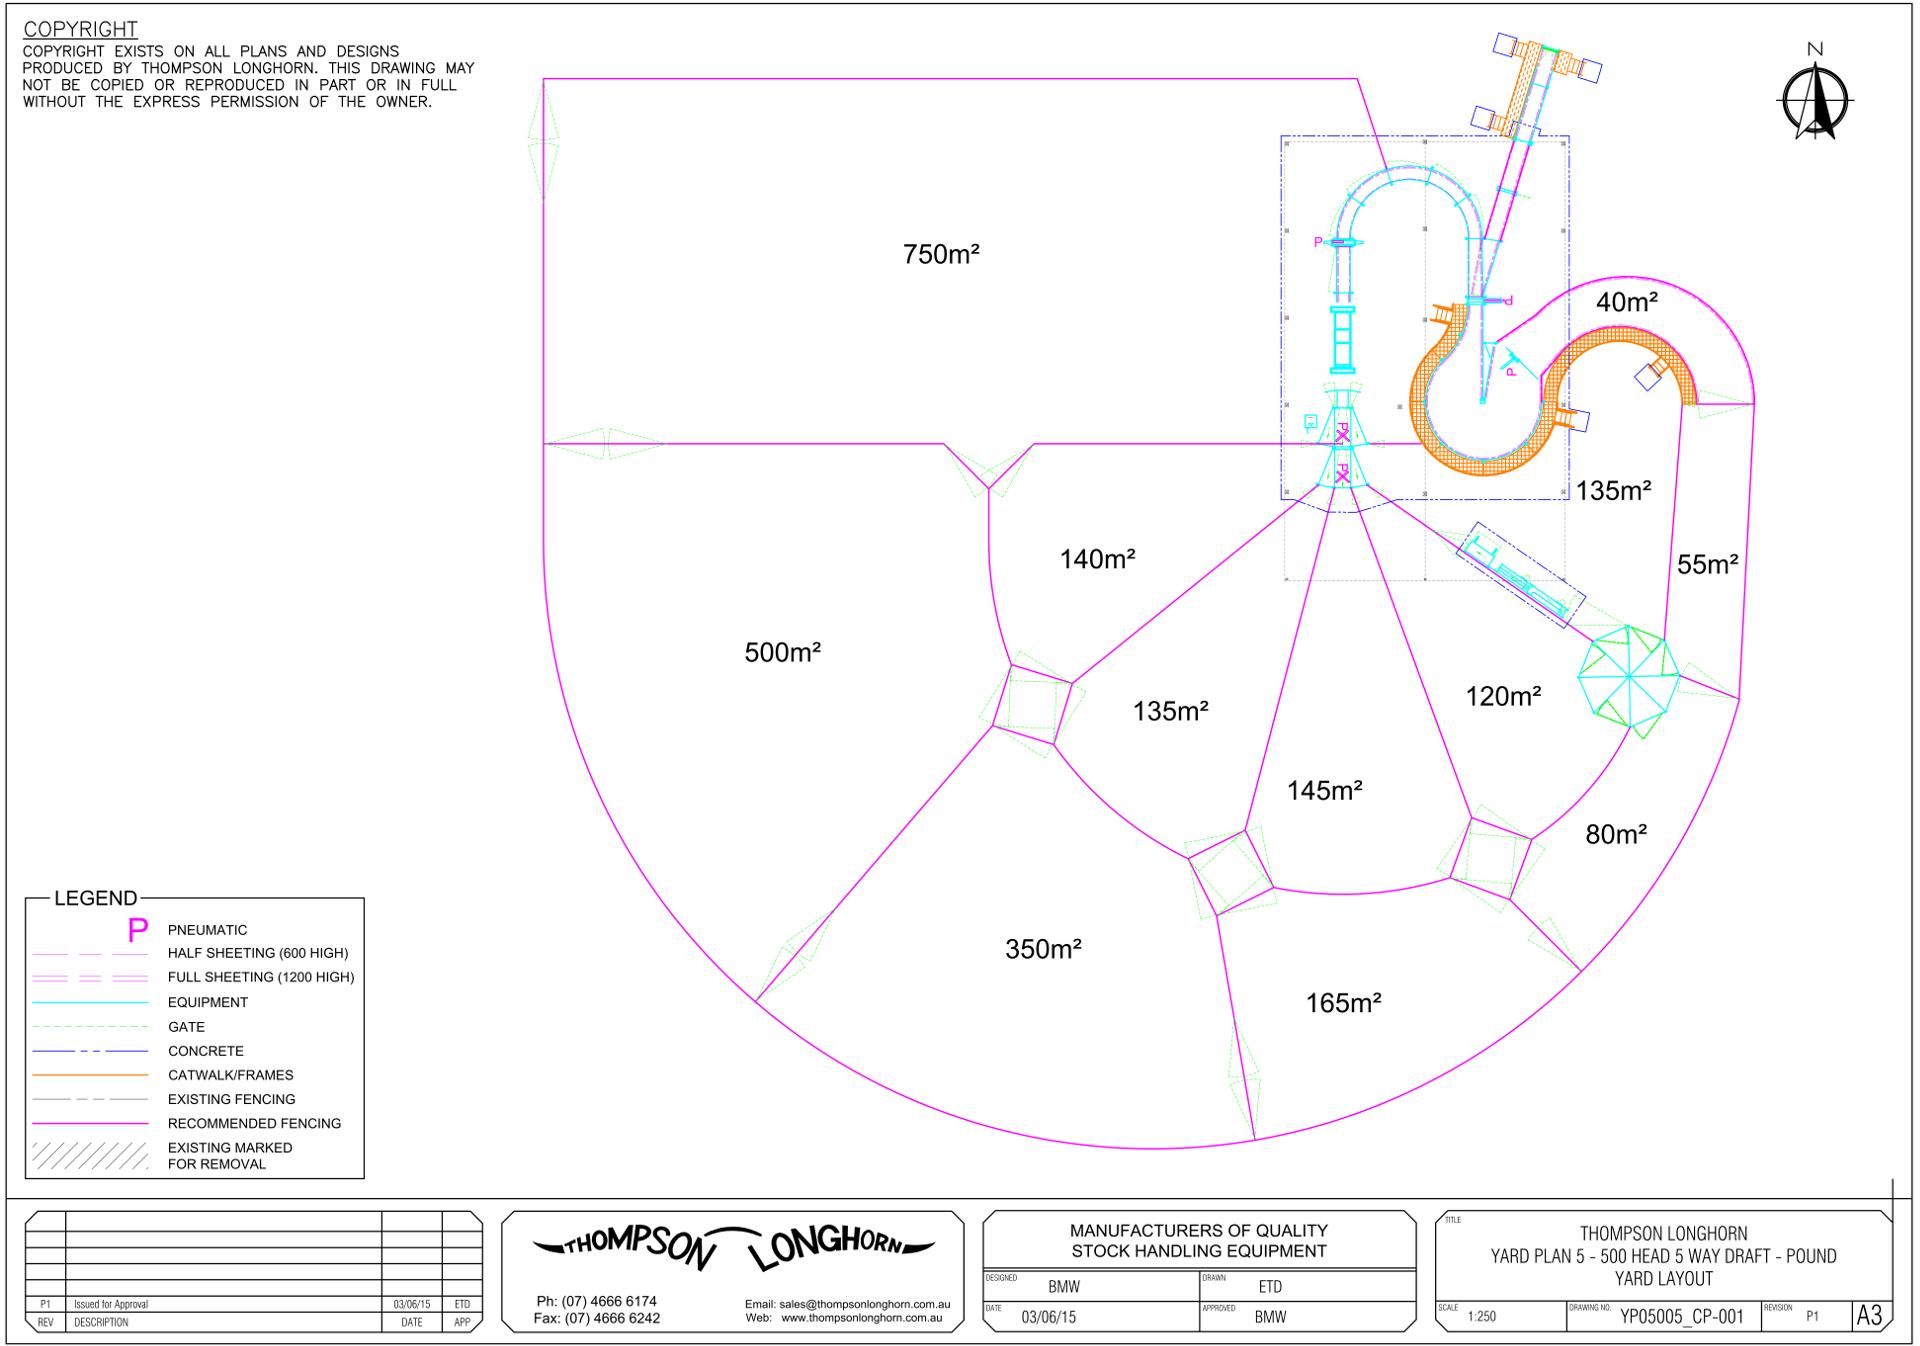 Designed yard plan